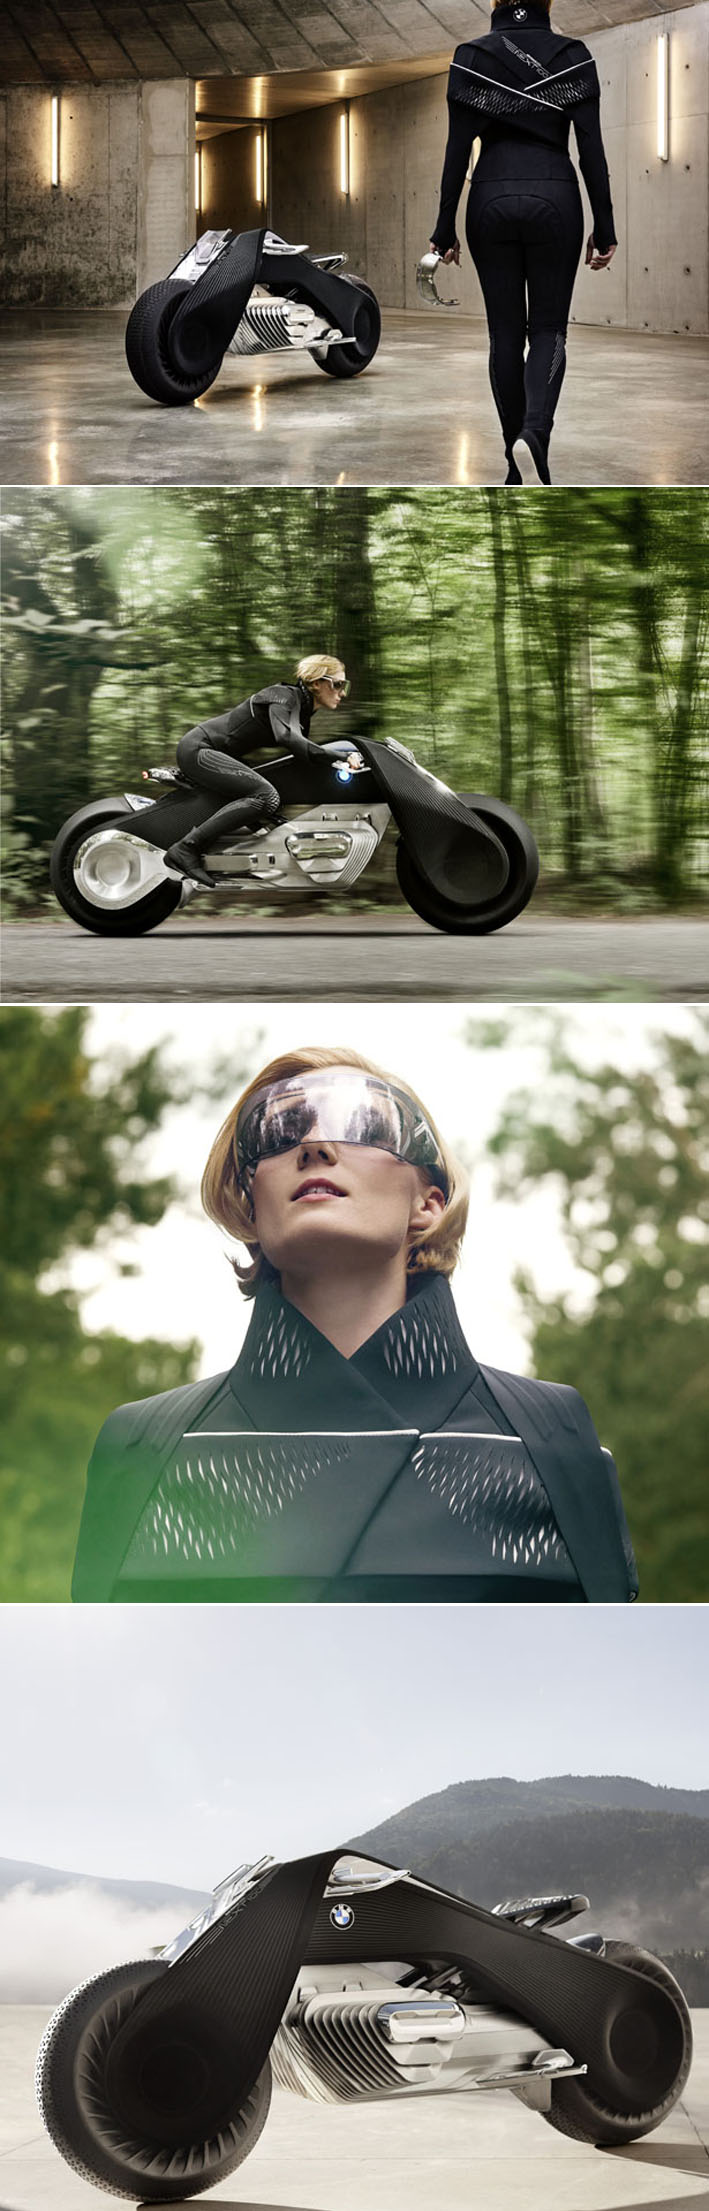 BMW Motorrad - A futurista moto autônoma e conectada mais segura do mundo stylo urbano